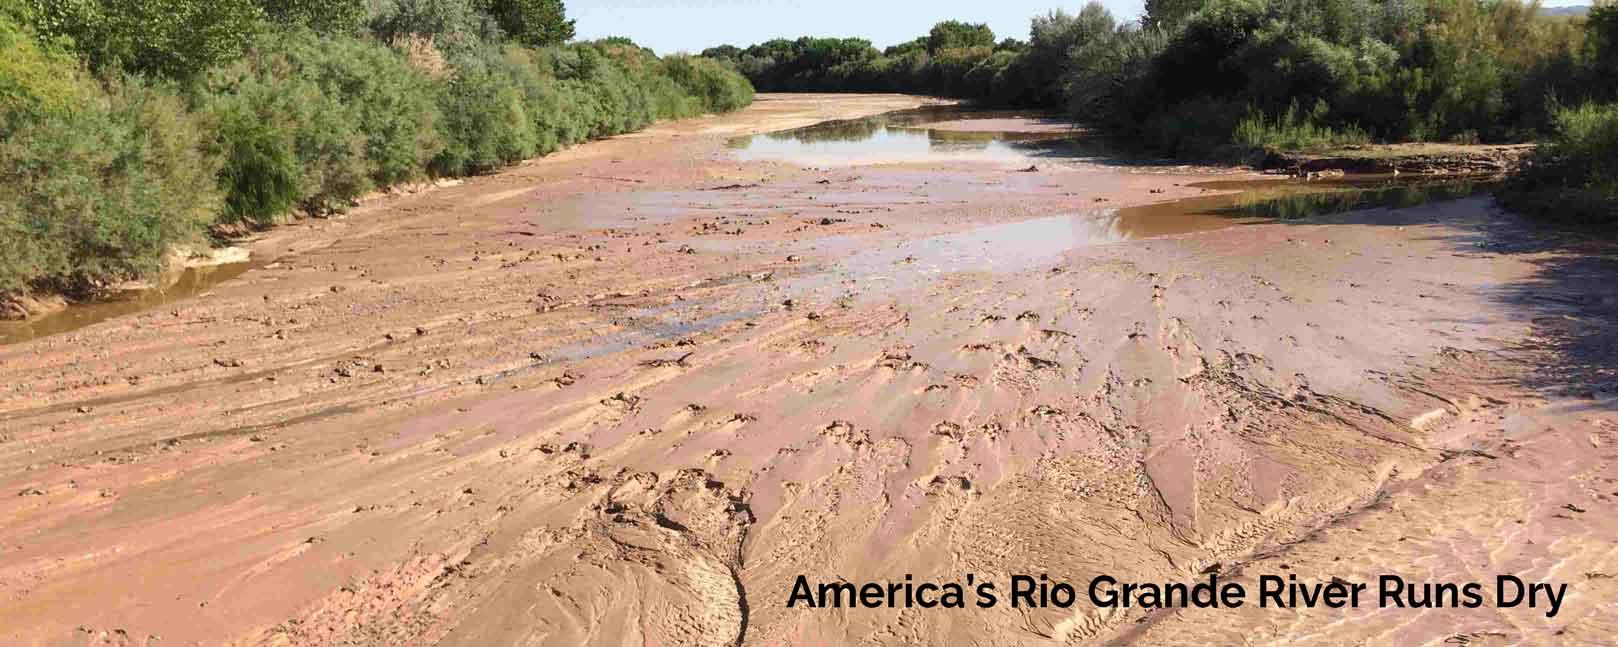 Rio Grande river runs dry